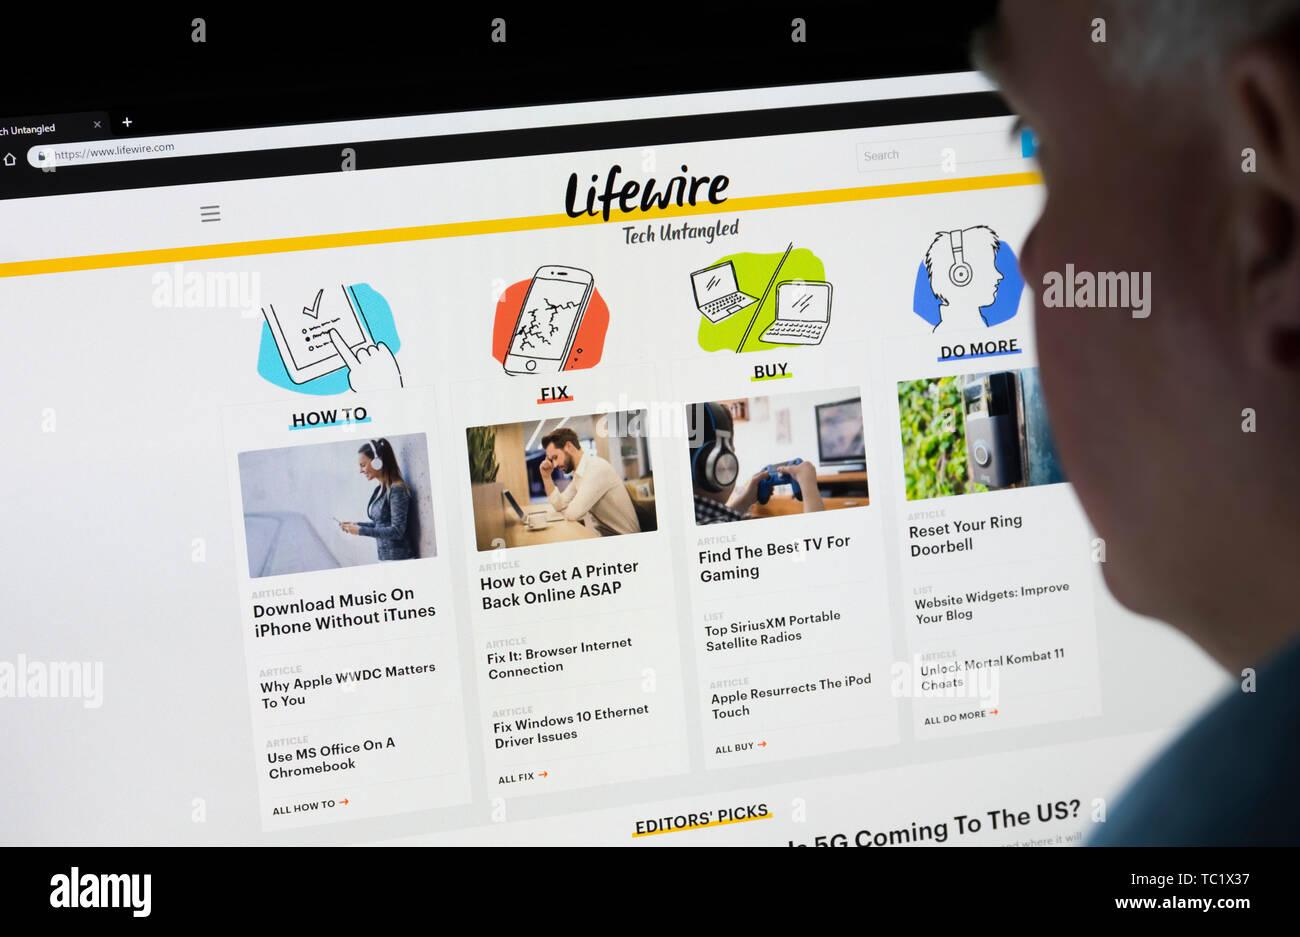 L'homme assis à l'écran d'un ordinateur la navigation au travers de l'Internet à la recherche à l'Lifewire site sur le World Wide Web à l'aide d'un navigateur Internet. Photo Stock